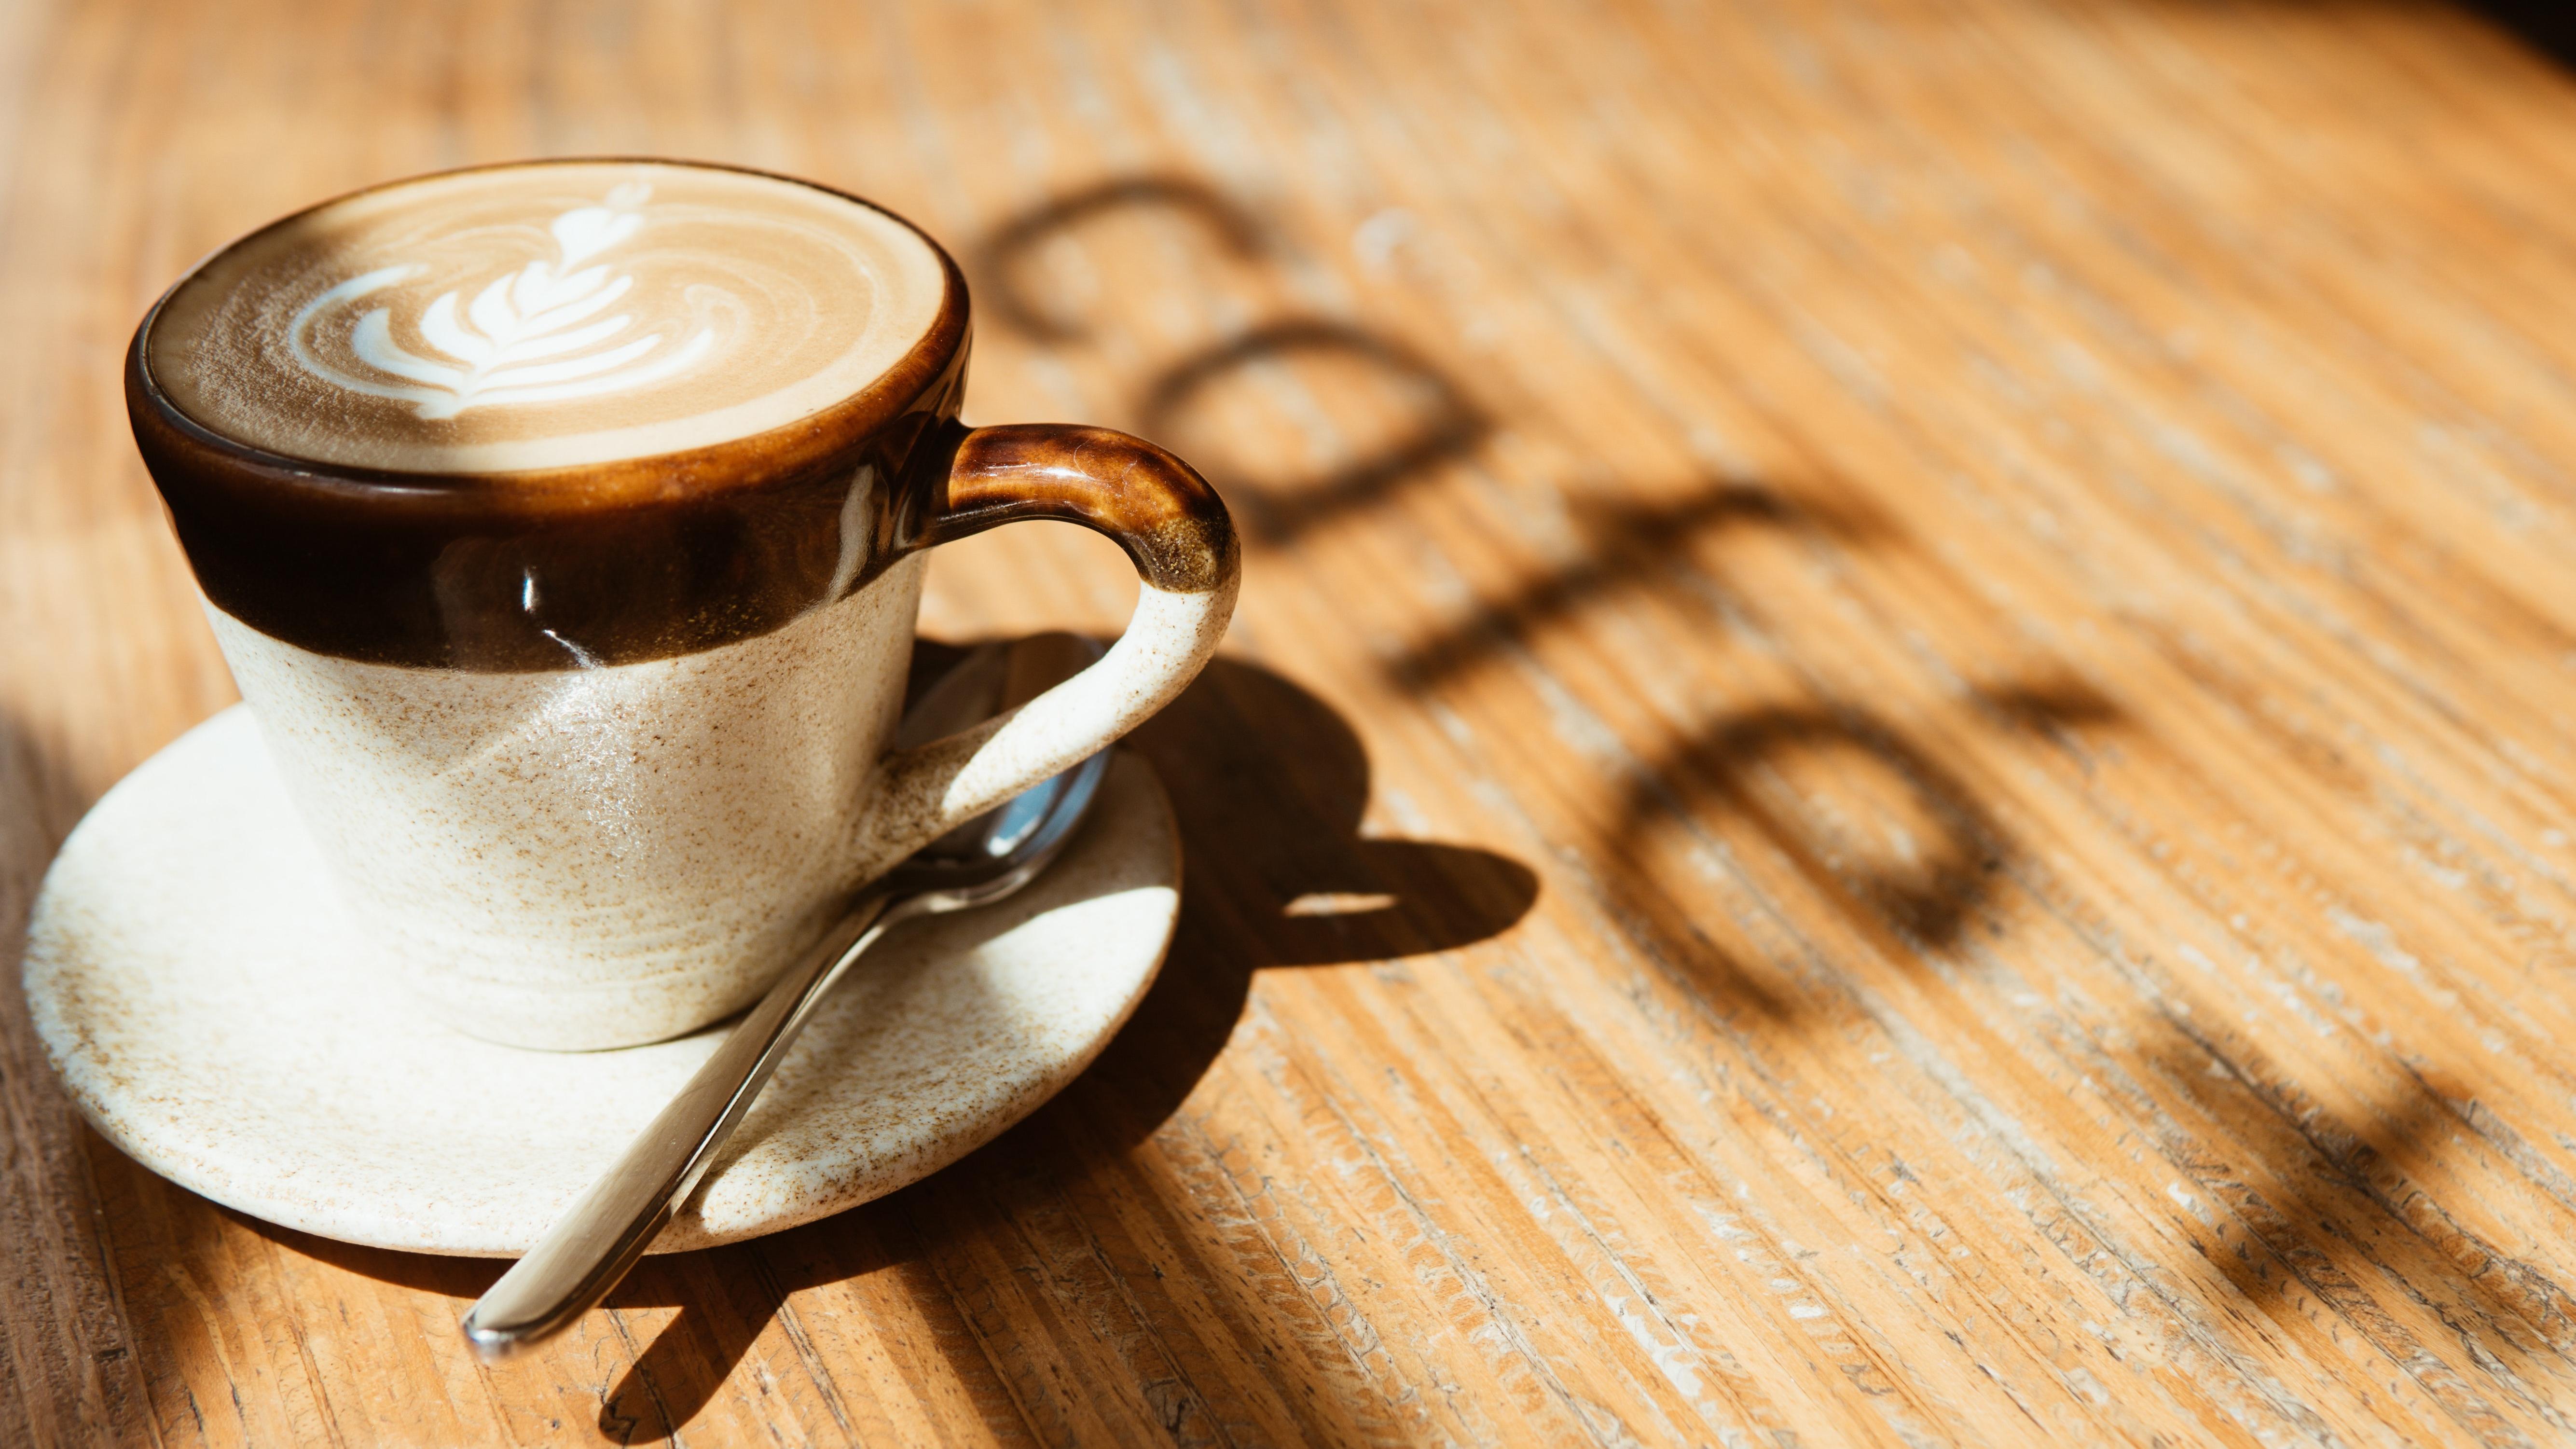 Zu viel Kaffee aber kann unangenehme Folgen haben.